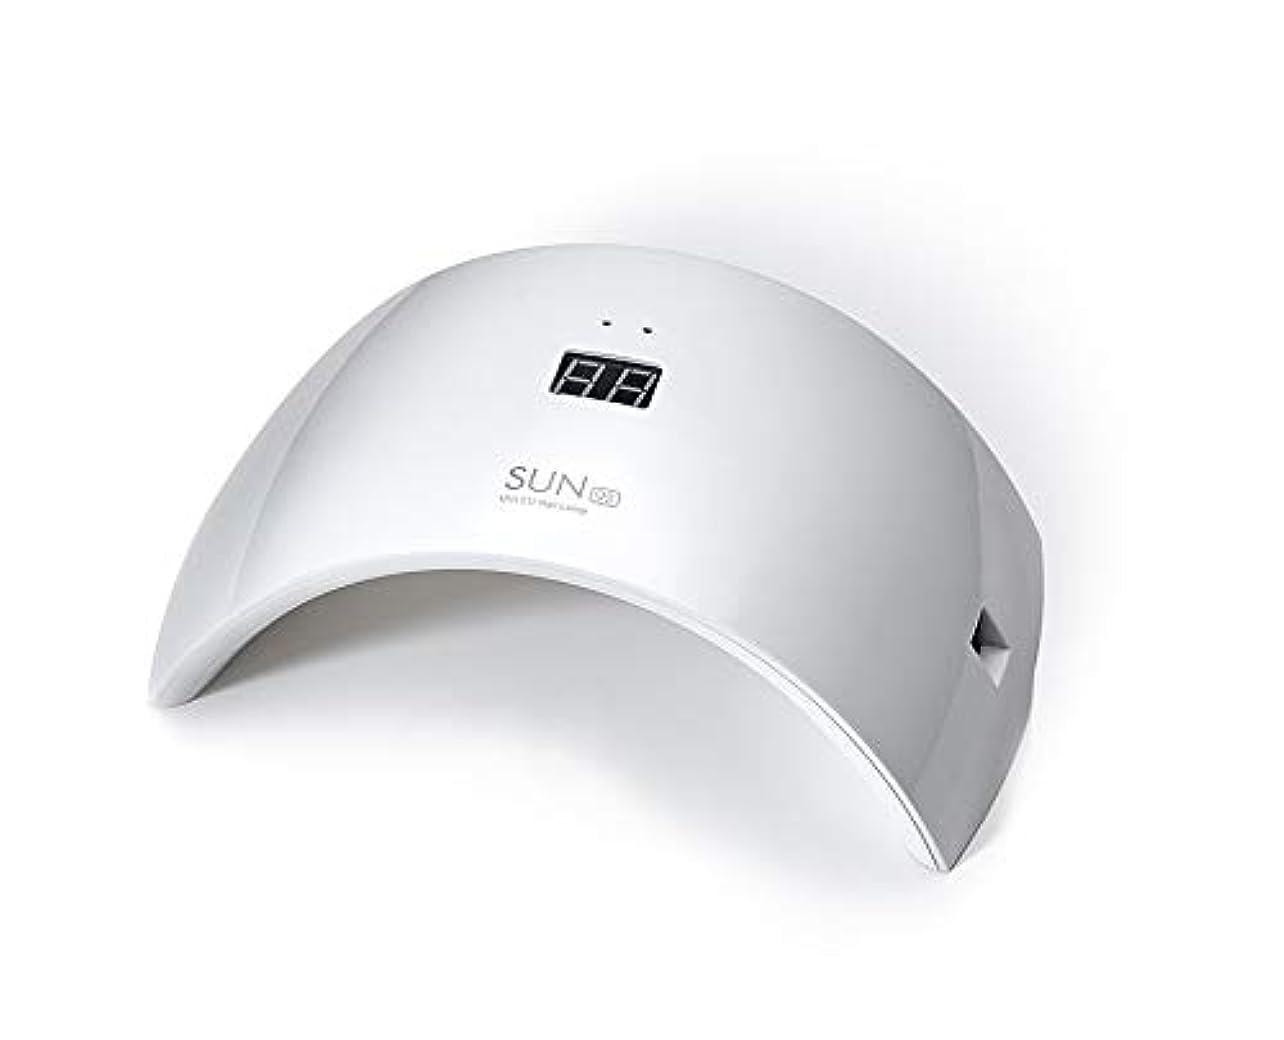 バルーン通常報告書ネイルドライヤー UV LEDネイルライト 24W ハイパワー 硬化用UVライト 赤外線検知 ジェルネイルライト 人感センサー タイマー付き ネイルランプ 速乾LEDダブルライト 母の日ギフト